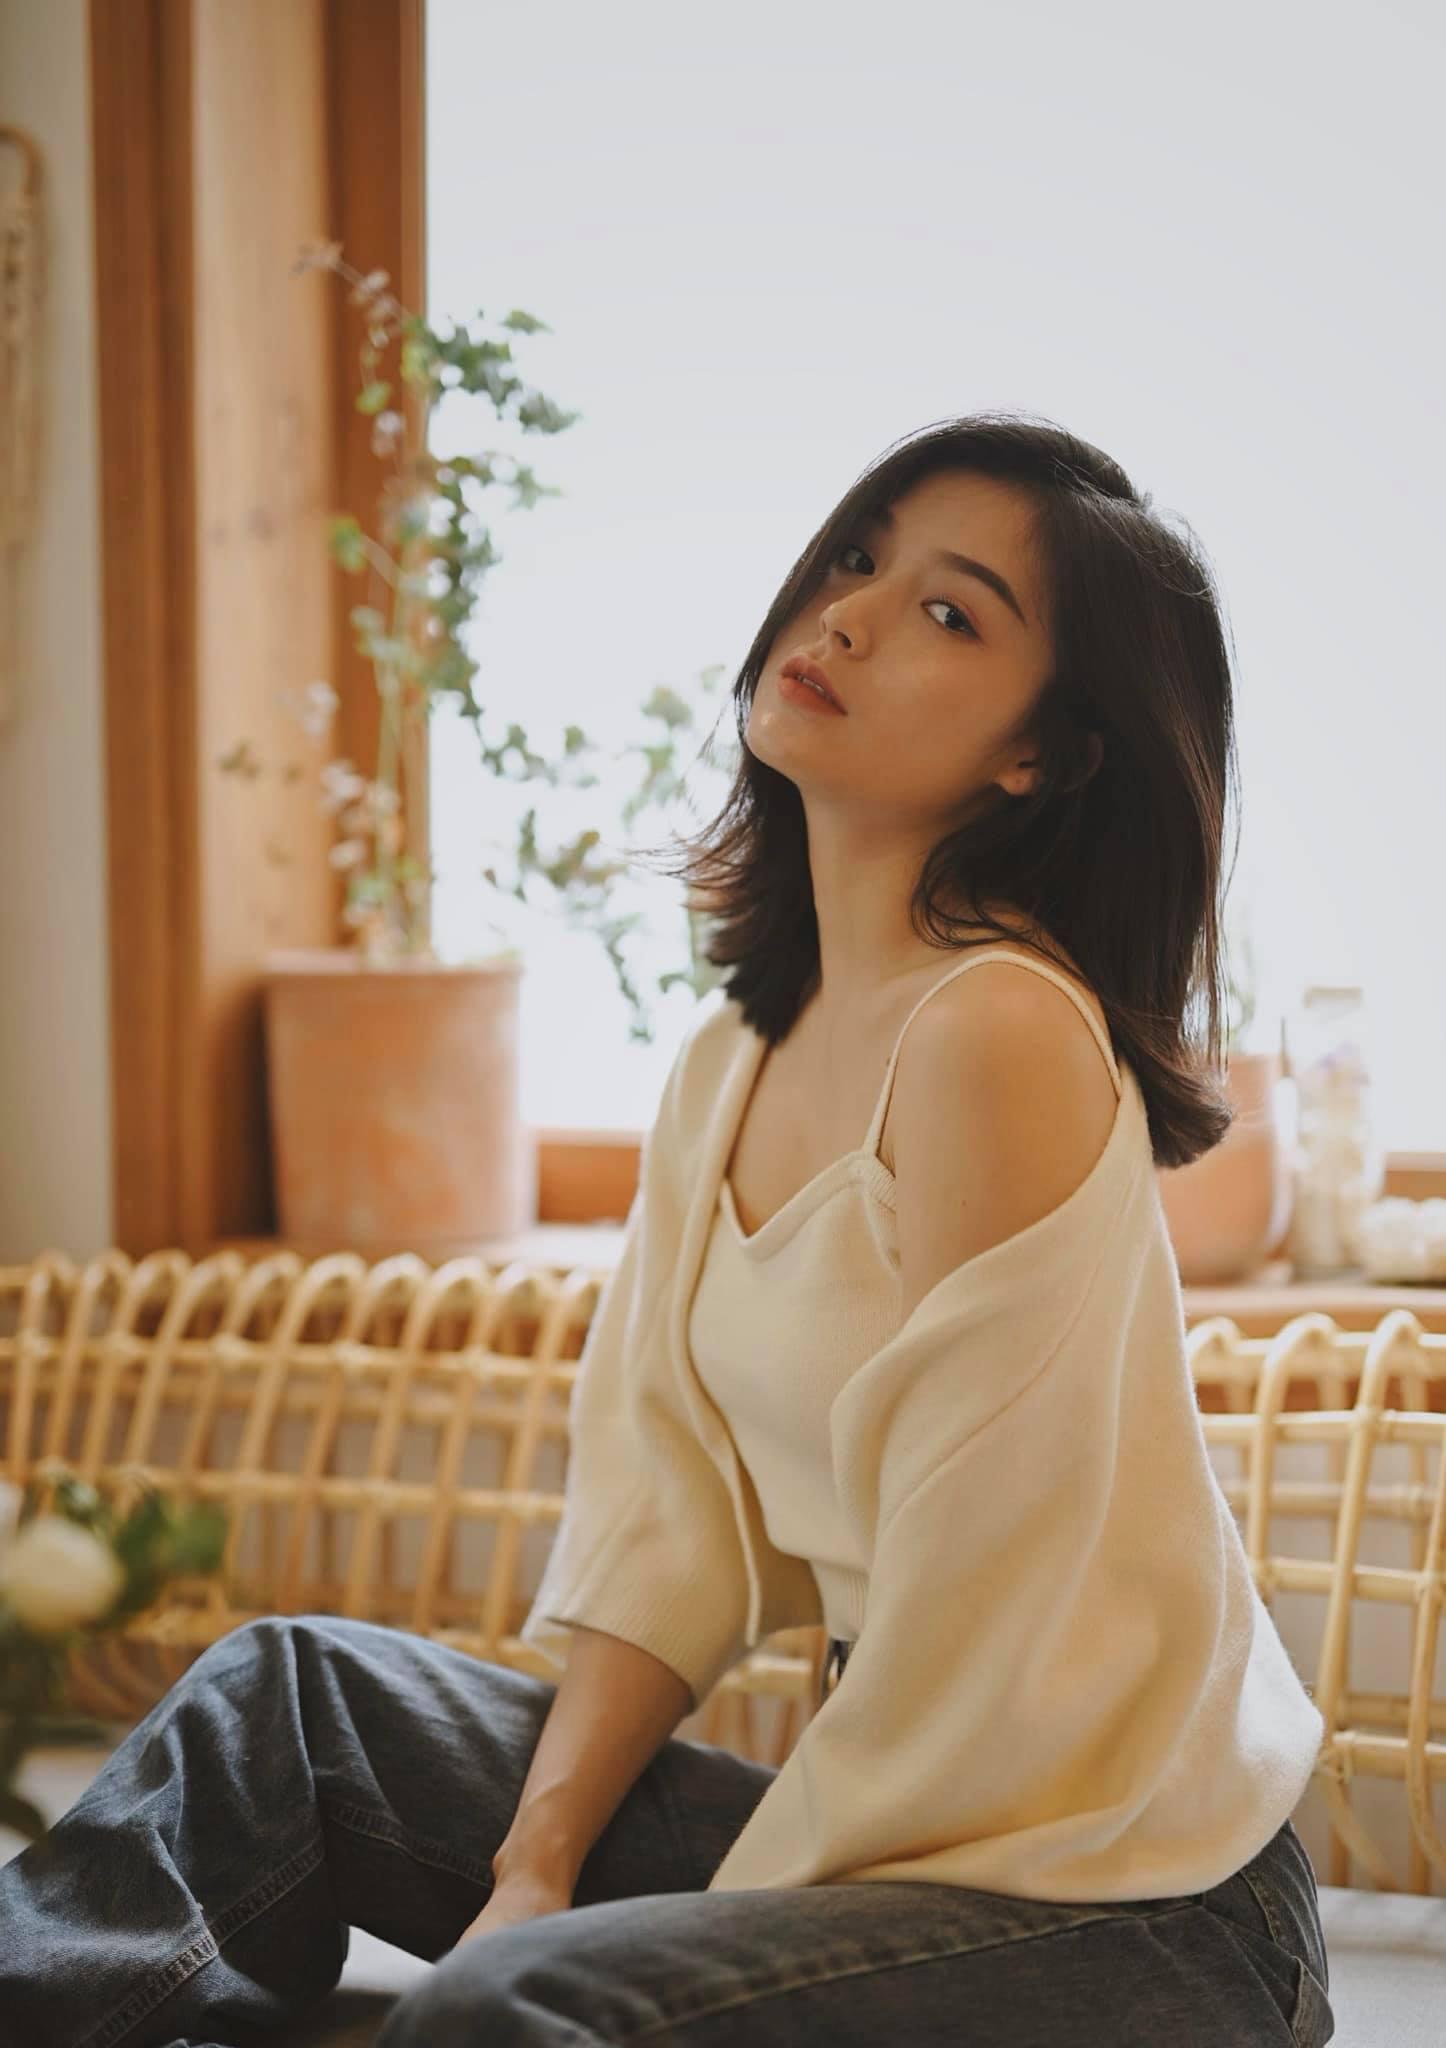 Vẻ đẹp hút hồn của hotgirl Đà Nẵng, giống Hạ Vi và diễn viên xinh đẹp người Thái Lan - Ảnh 4.